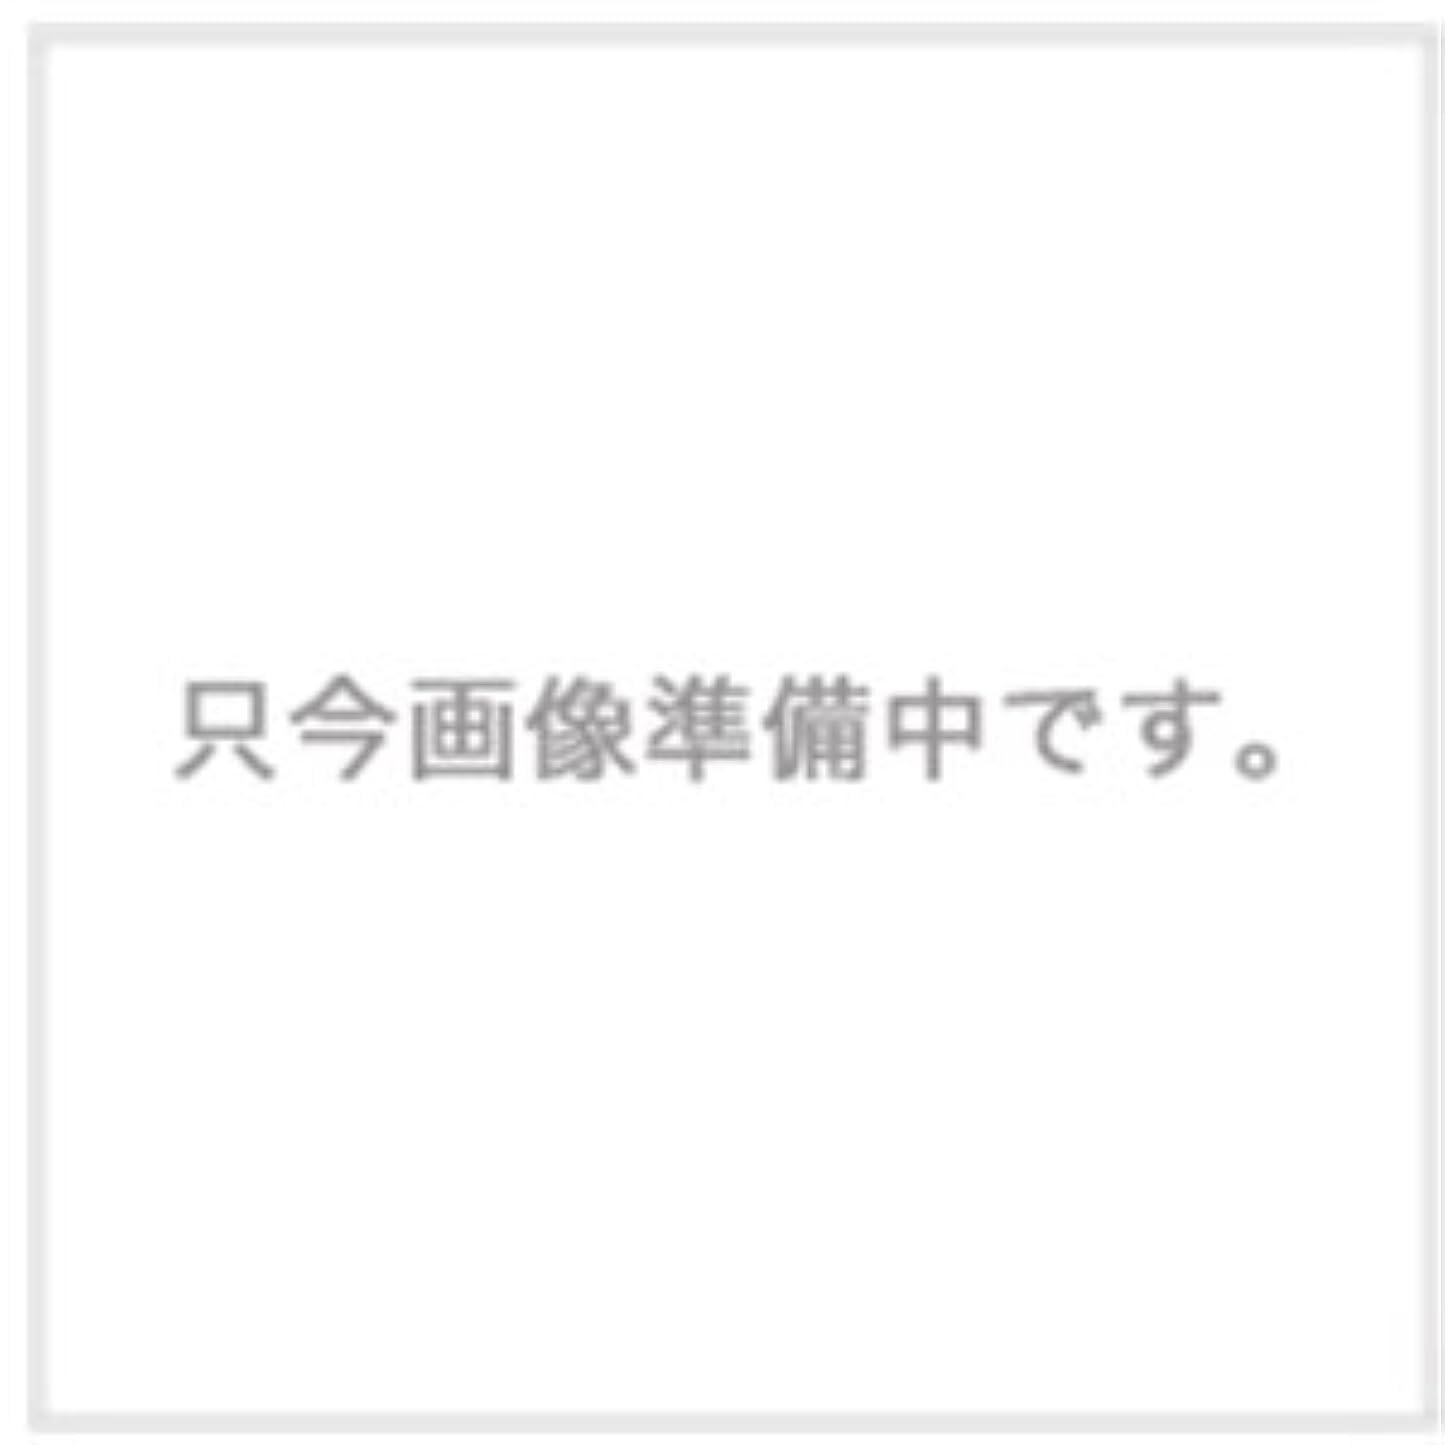 シンジケート桃ハウスハホニコ ザ?ラメラメ トリートメント No.1 1000g用ハードケース